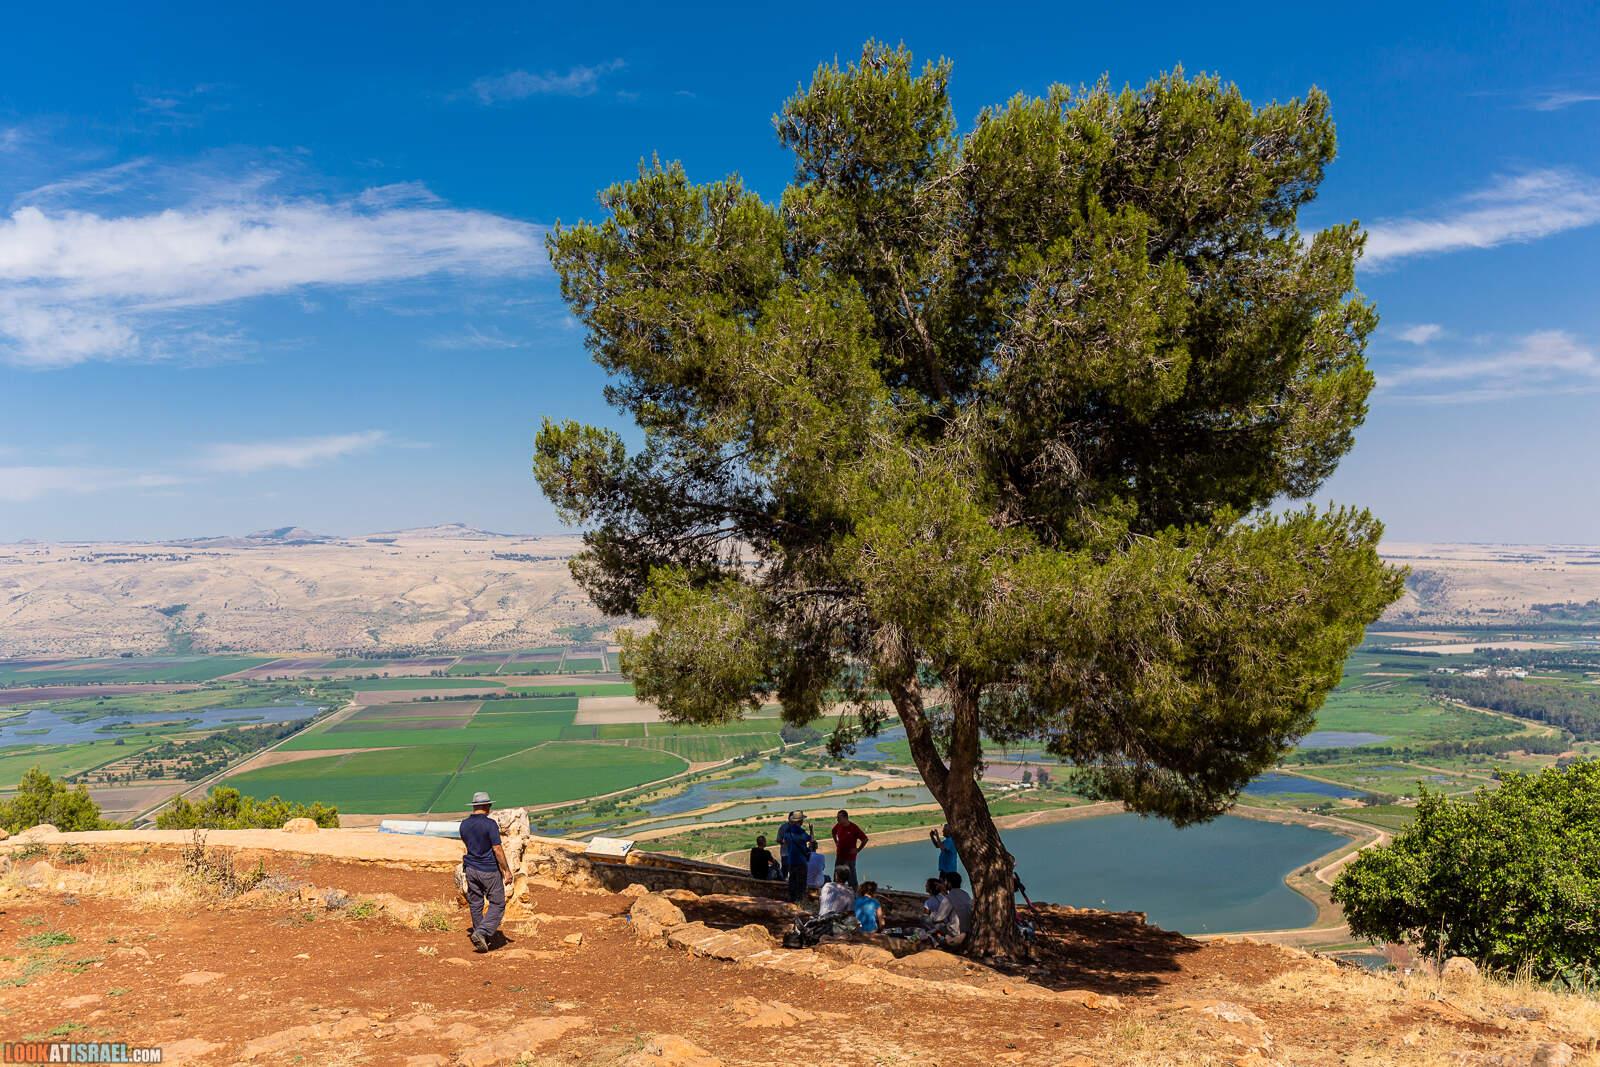 Путешествие по горам Нафтали. Крепость Бунин, Рош Пина, ручей Дишон, горный Иордан, лес Бария и источник Эйн Тау | LookAtIsrael.com - Фото путешествия по Израилю